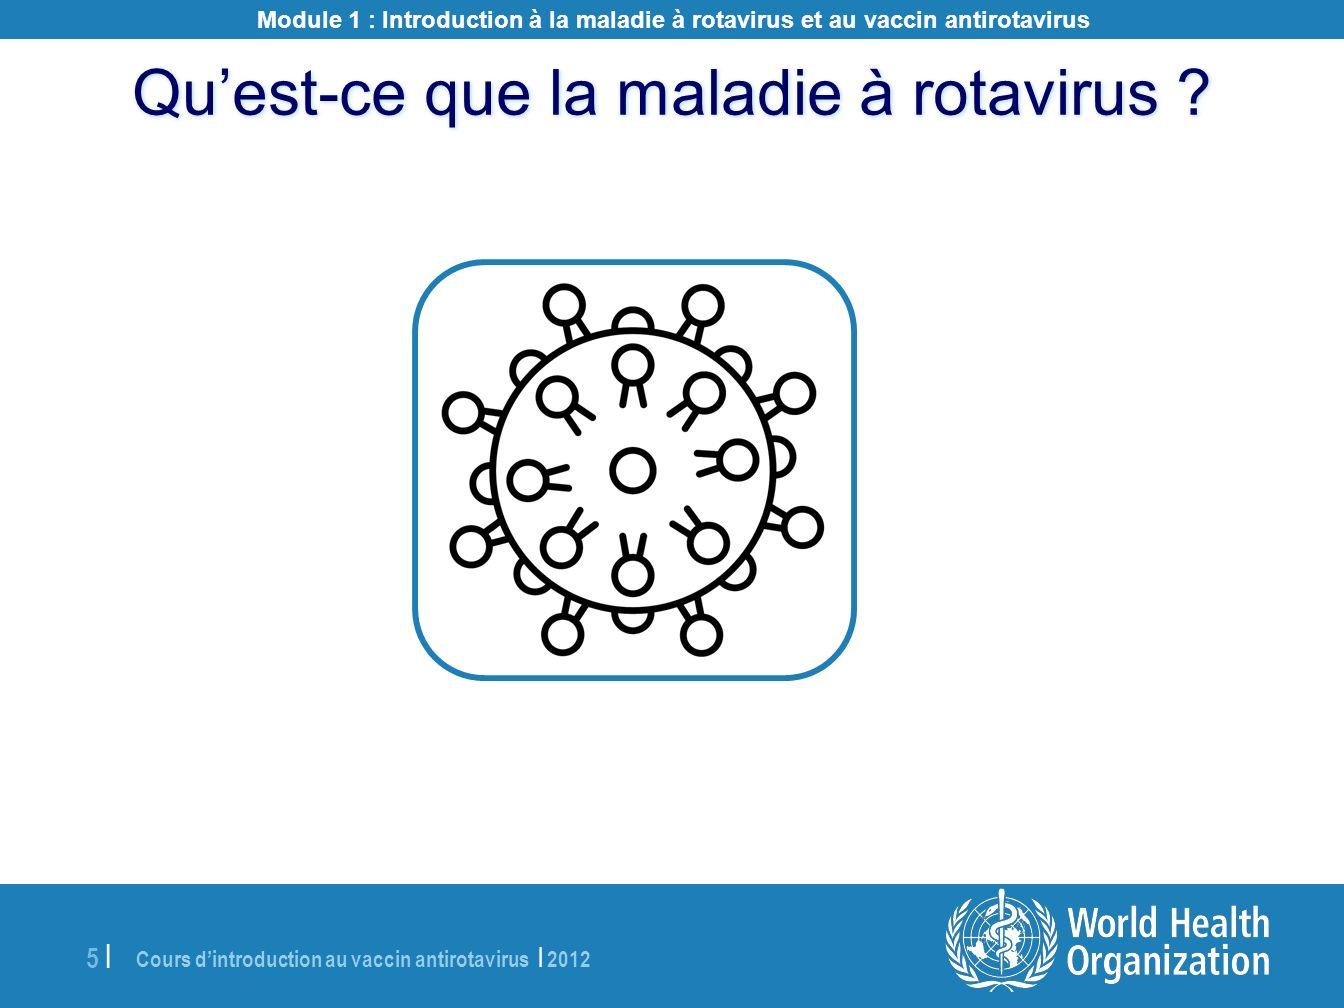 Cours dintroduction au vaccin antirotavirus | 2012 6 |6 | À lattention de lanimateur : Demandez aux participants de répondre à la question ci-dessus, puis donnez-leur les informations suivantes et indiquez-leur les messages clés.